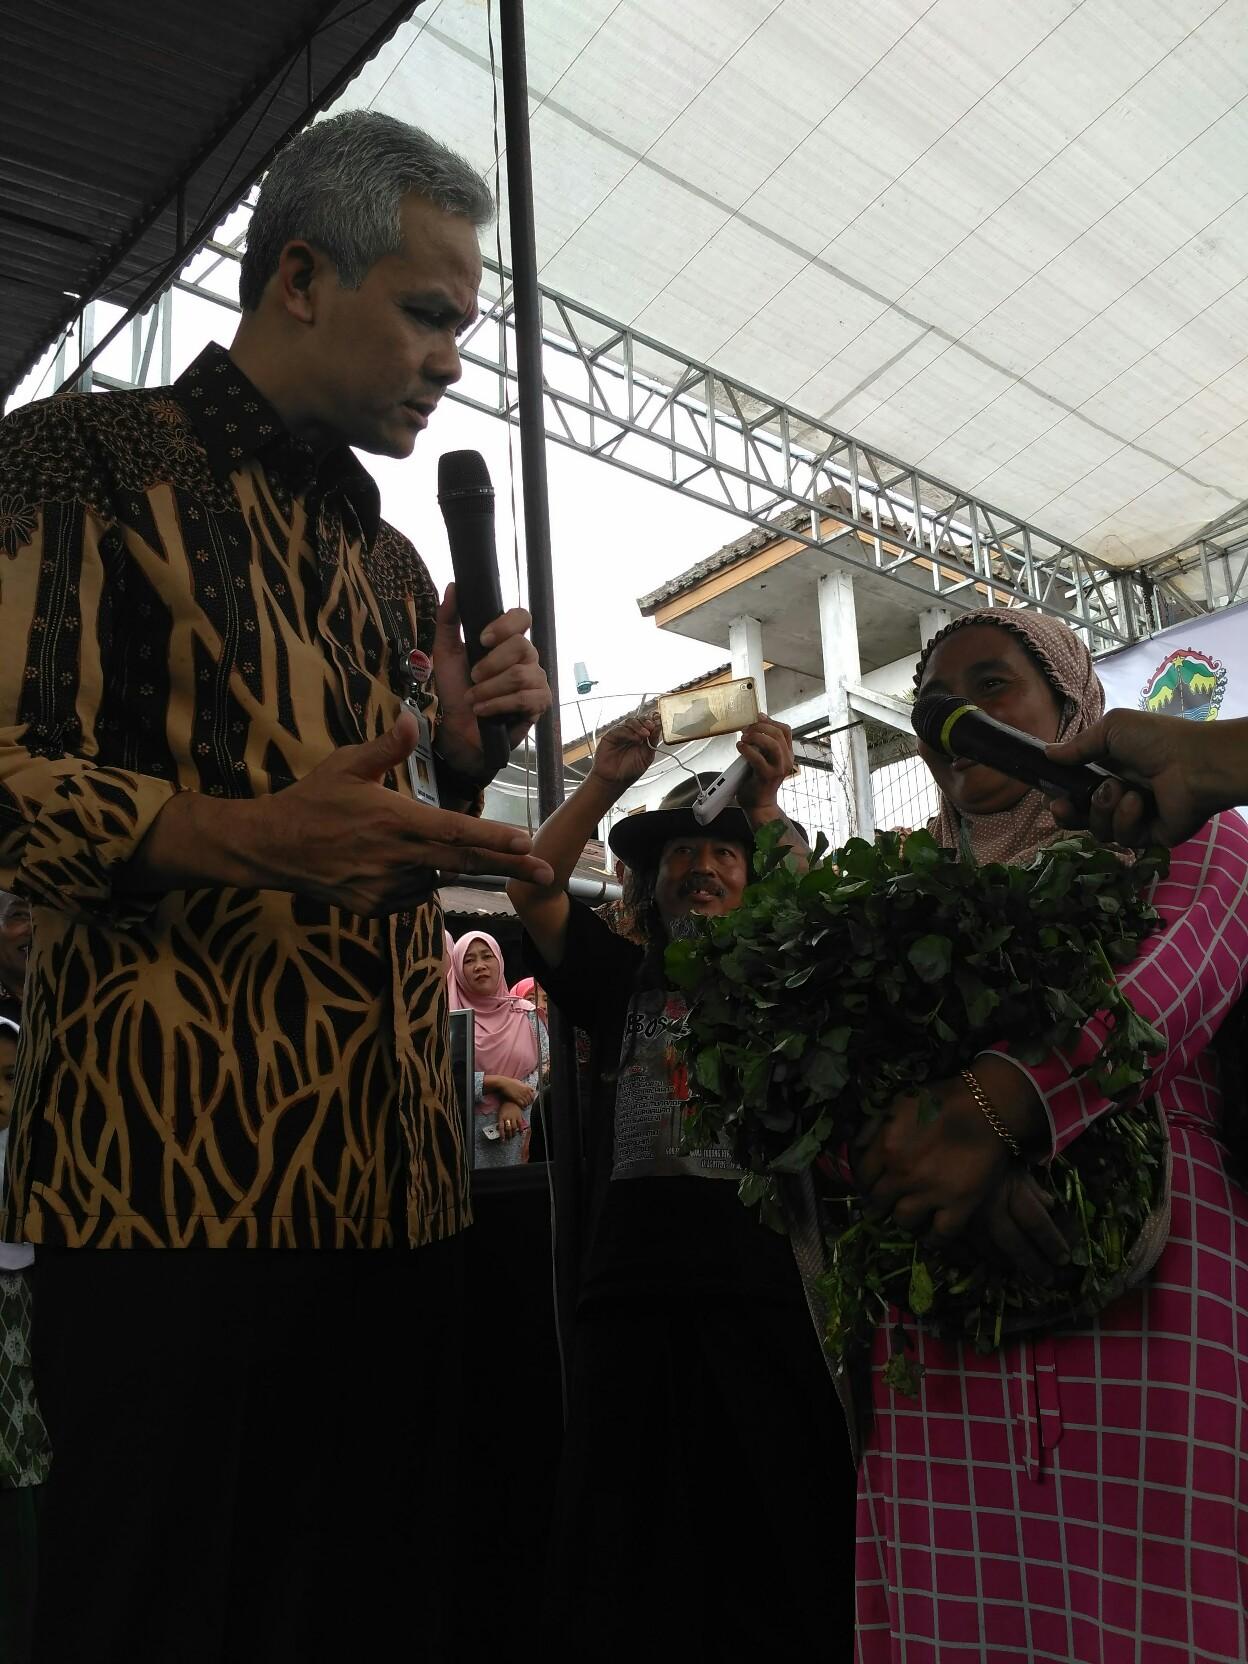 Kunjungi Pasar Kertek Ganjar Hindari Bang Thengul Wonosobozone Sejumlah Pedagang